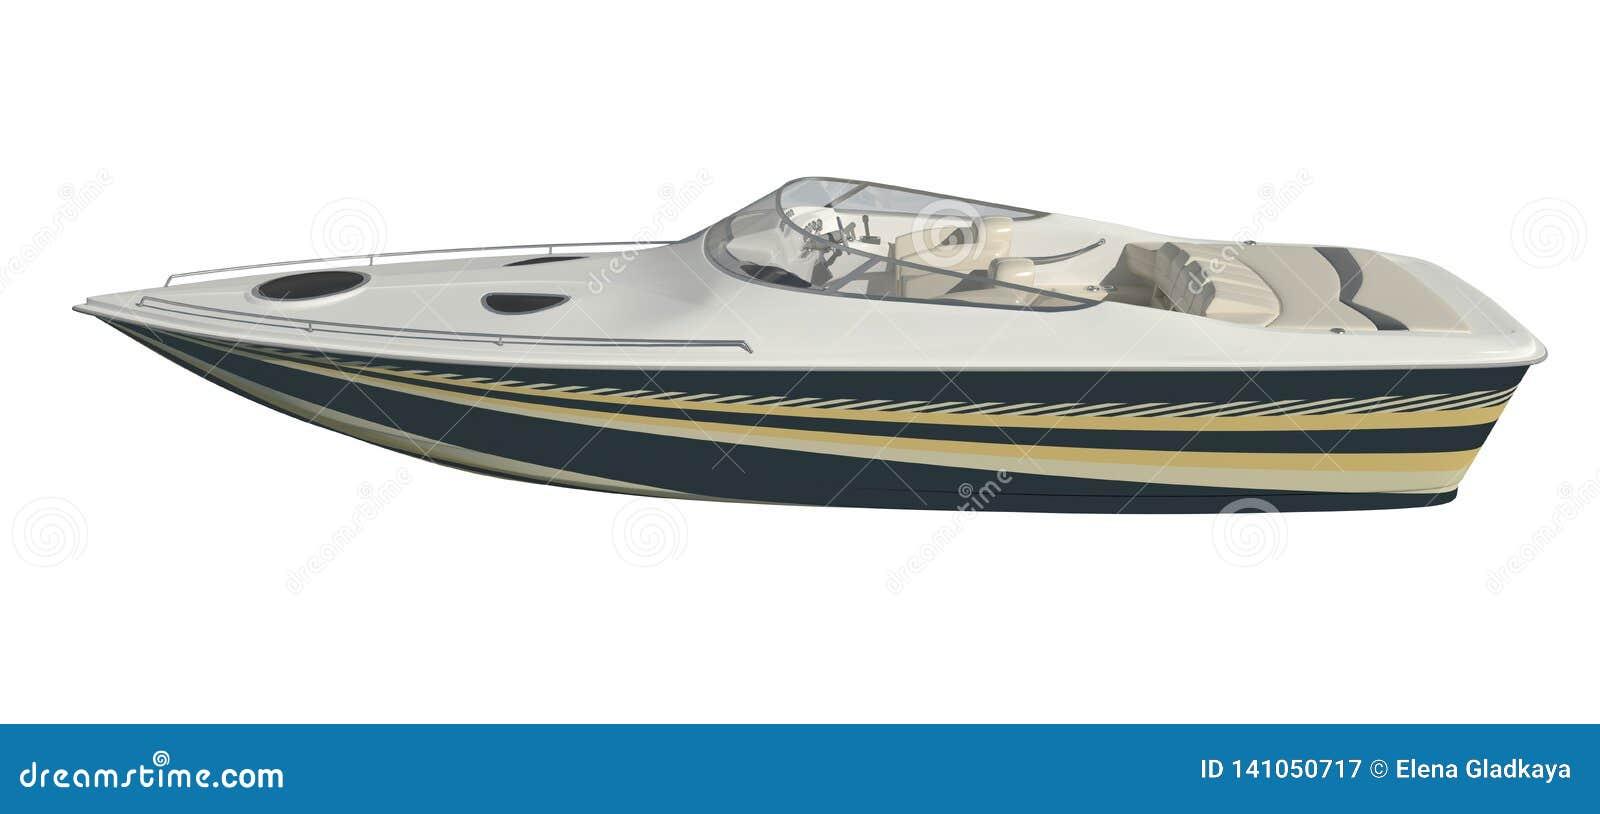 Powerboat που απομονώνεται στην άσπρη τρισδιάστατη απεικόνιση υποβάθρου